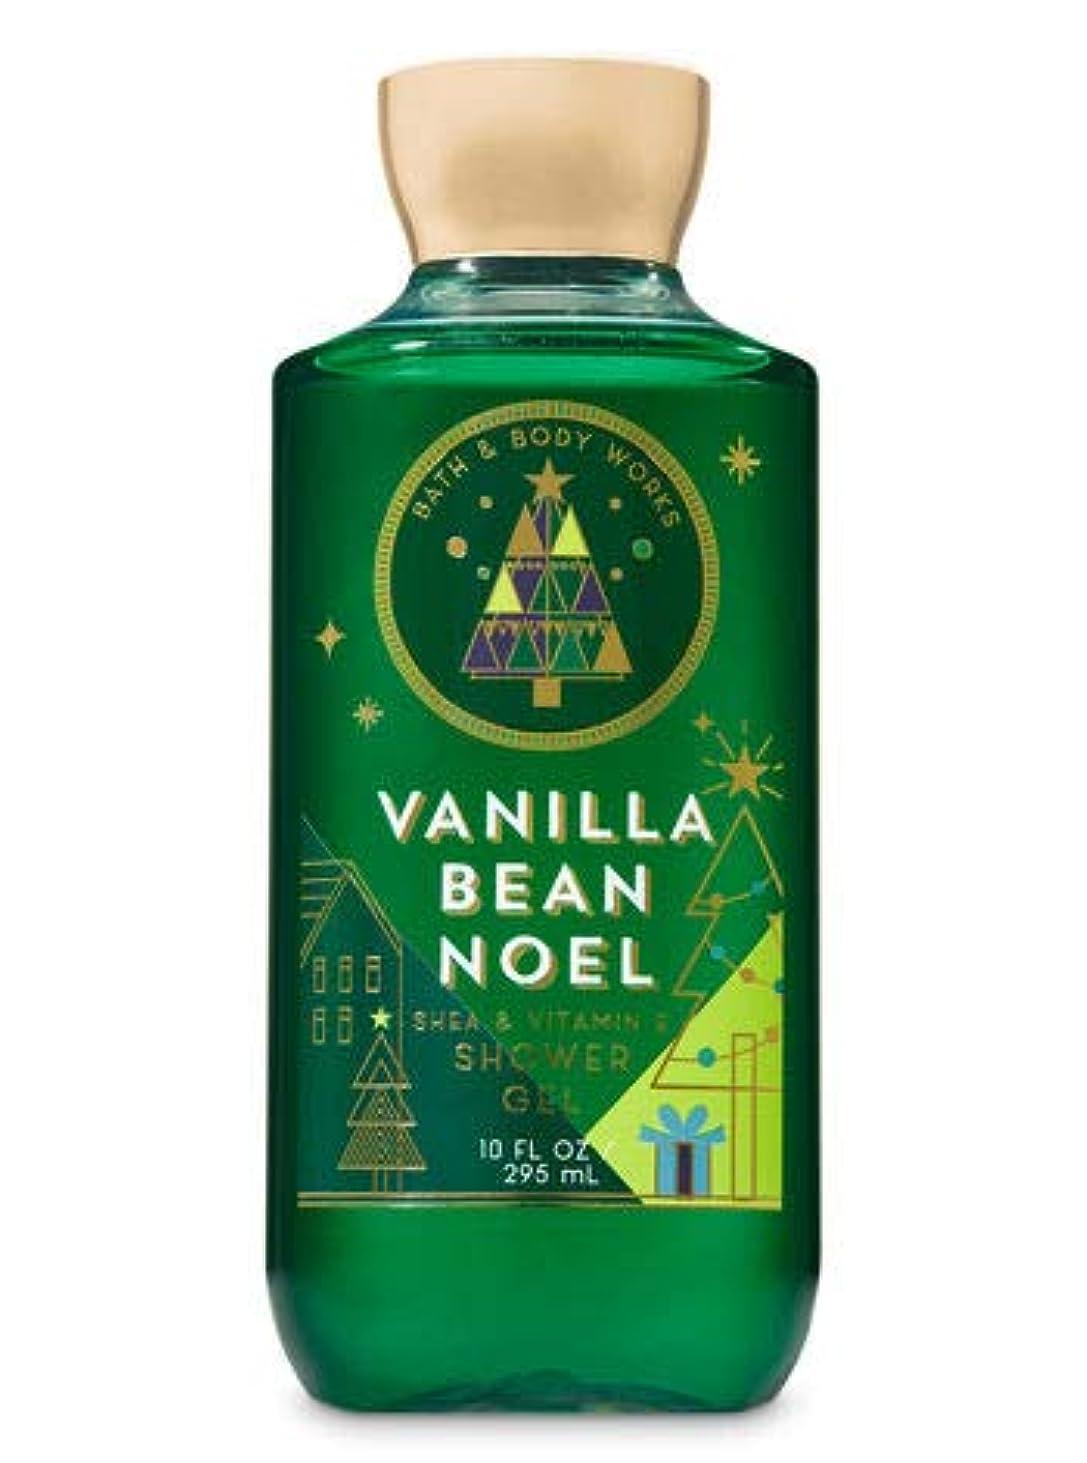 無数のずるいブラケット【Bath&Body Works/バス&ボディワークス】 シャワージェル バニラビーンノエル Shower Gel Vanilla Bean Noel 10 fl oz / 295 mL [並行輸入品]